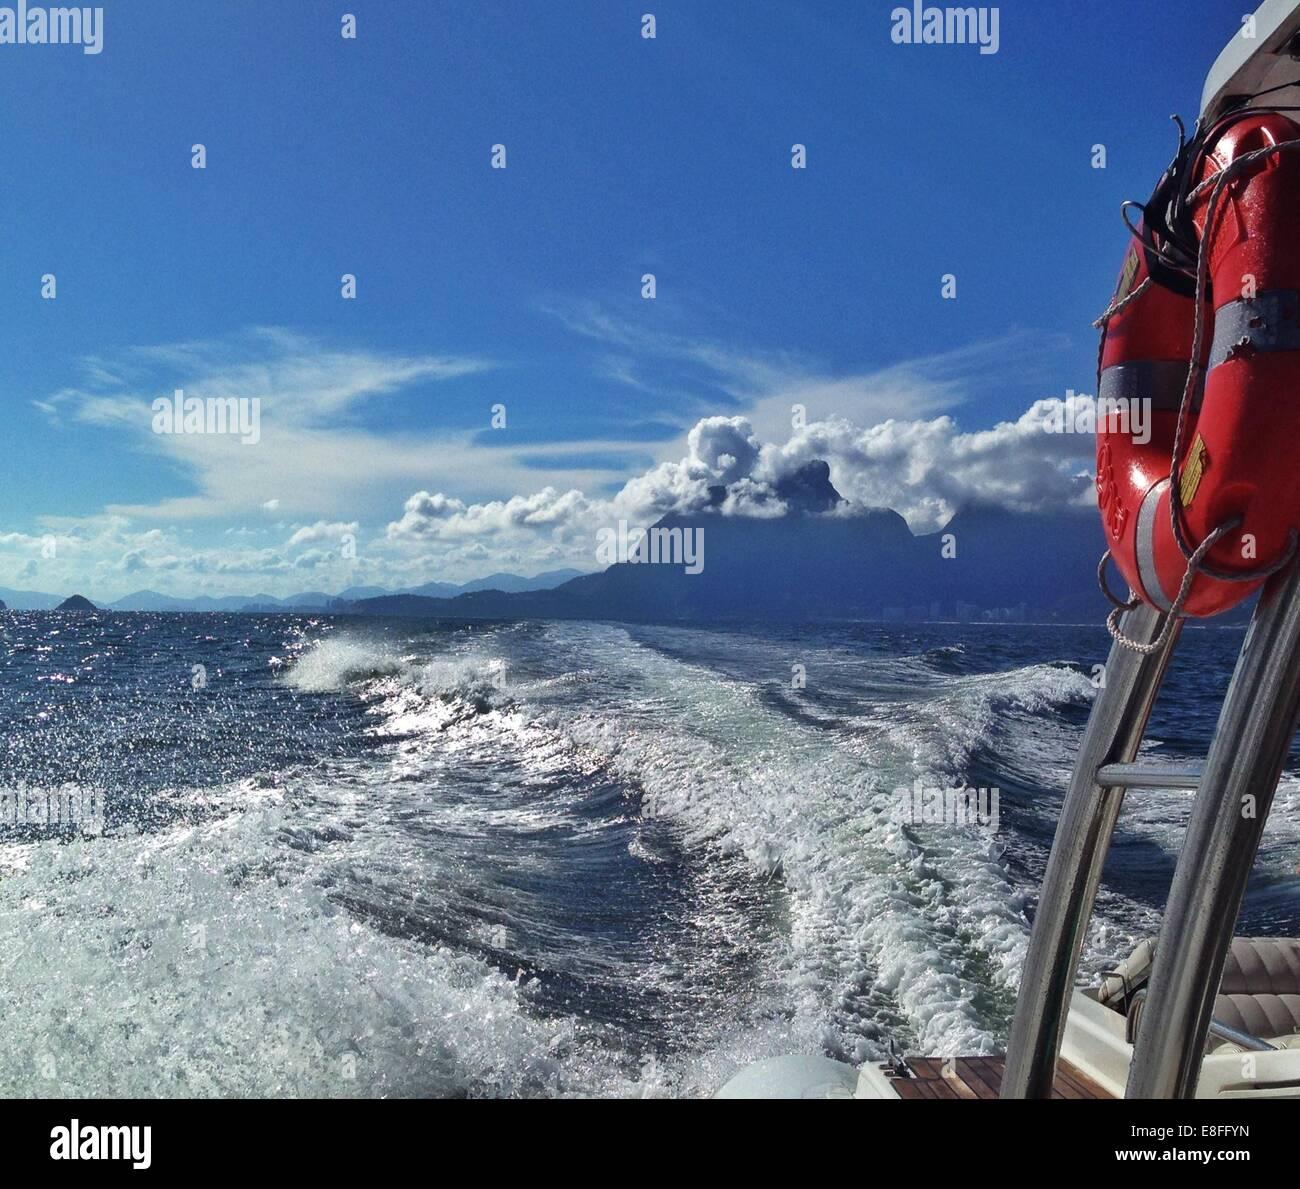 Avis de service de l'arrière du bateau Photo Stock